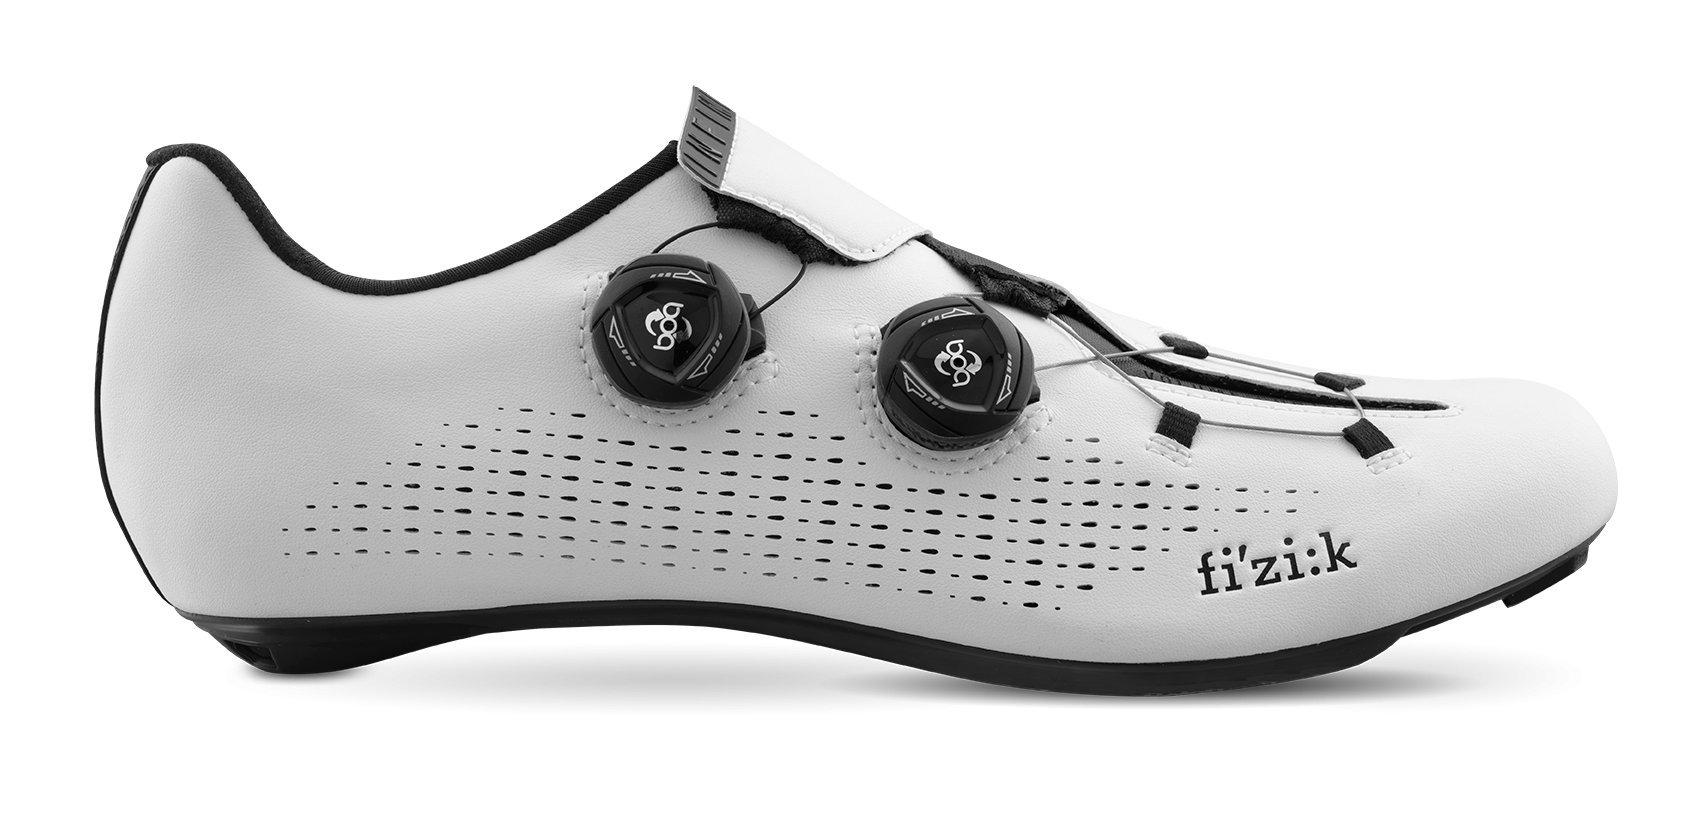 Fizik R1 INFINITO Shoes, White/Black, Size 37